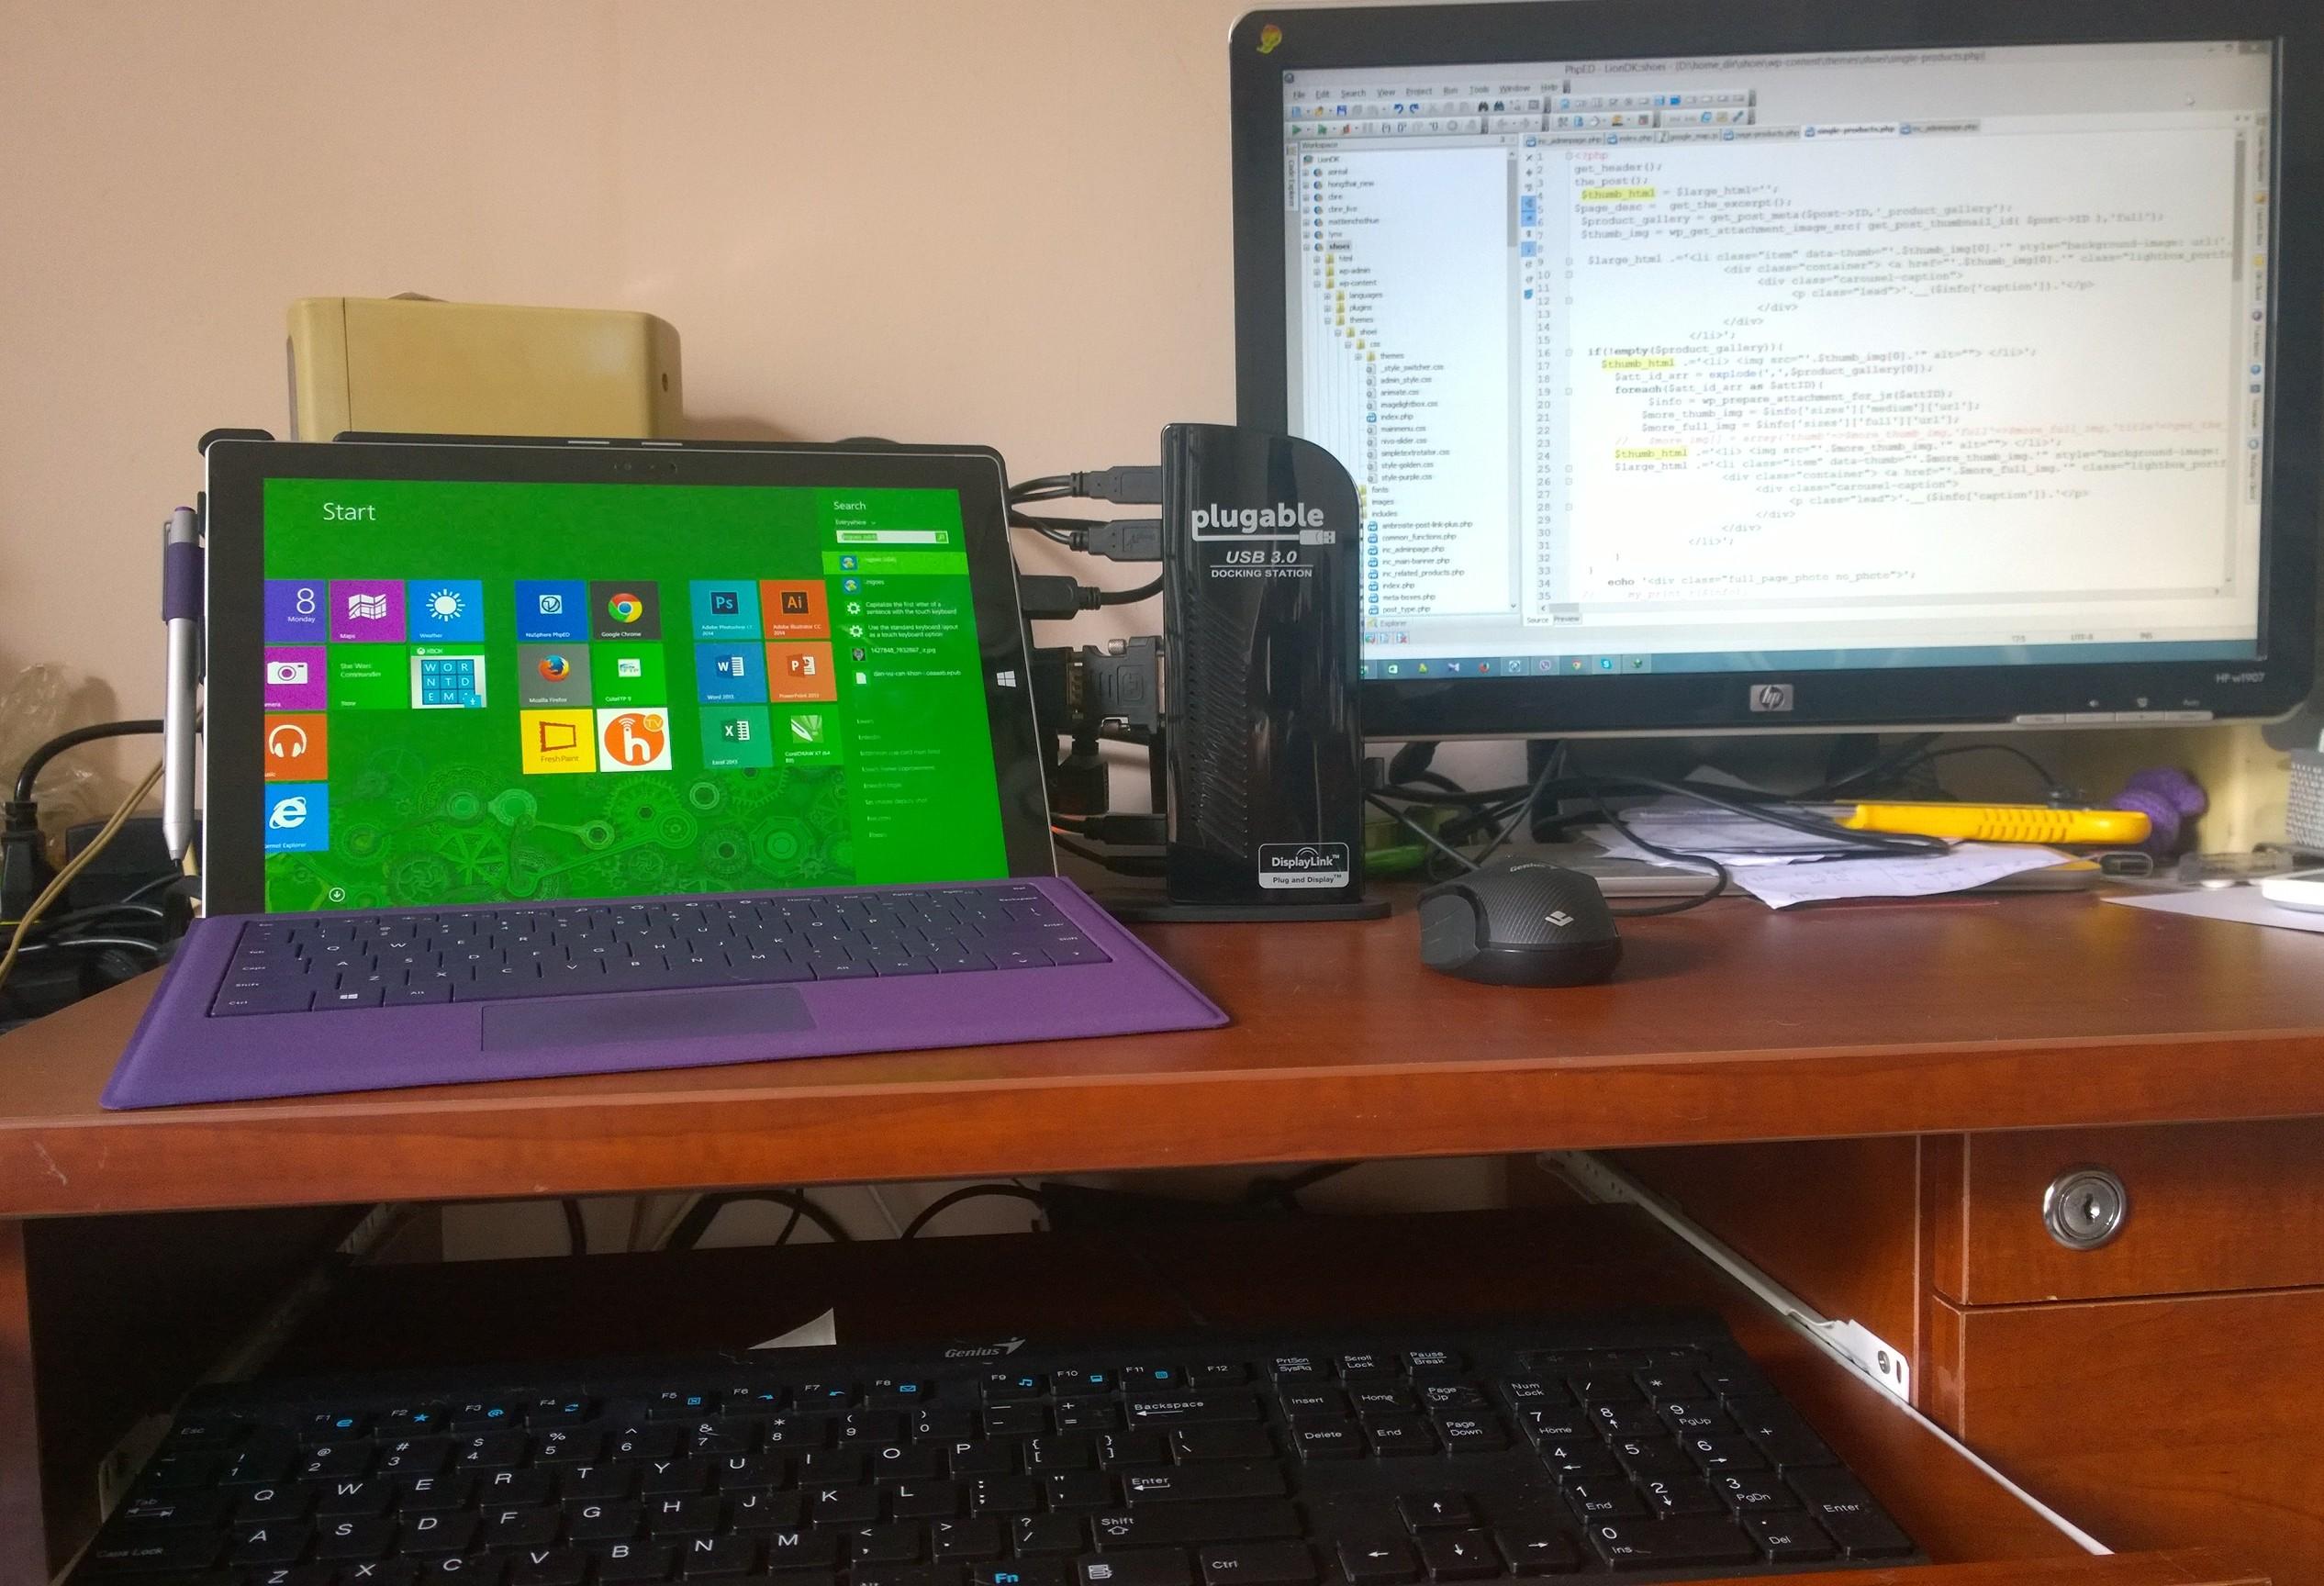 Plugable UD-3900 kết hợp với Surface Pro3. Cặp đôi hoàn hảo!!